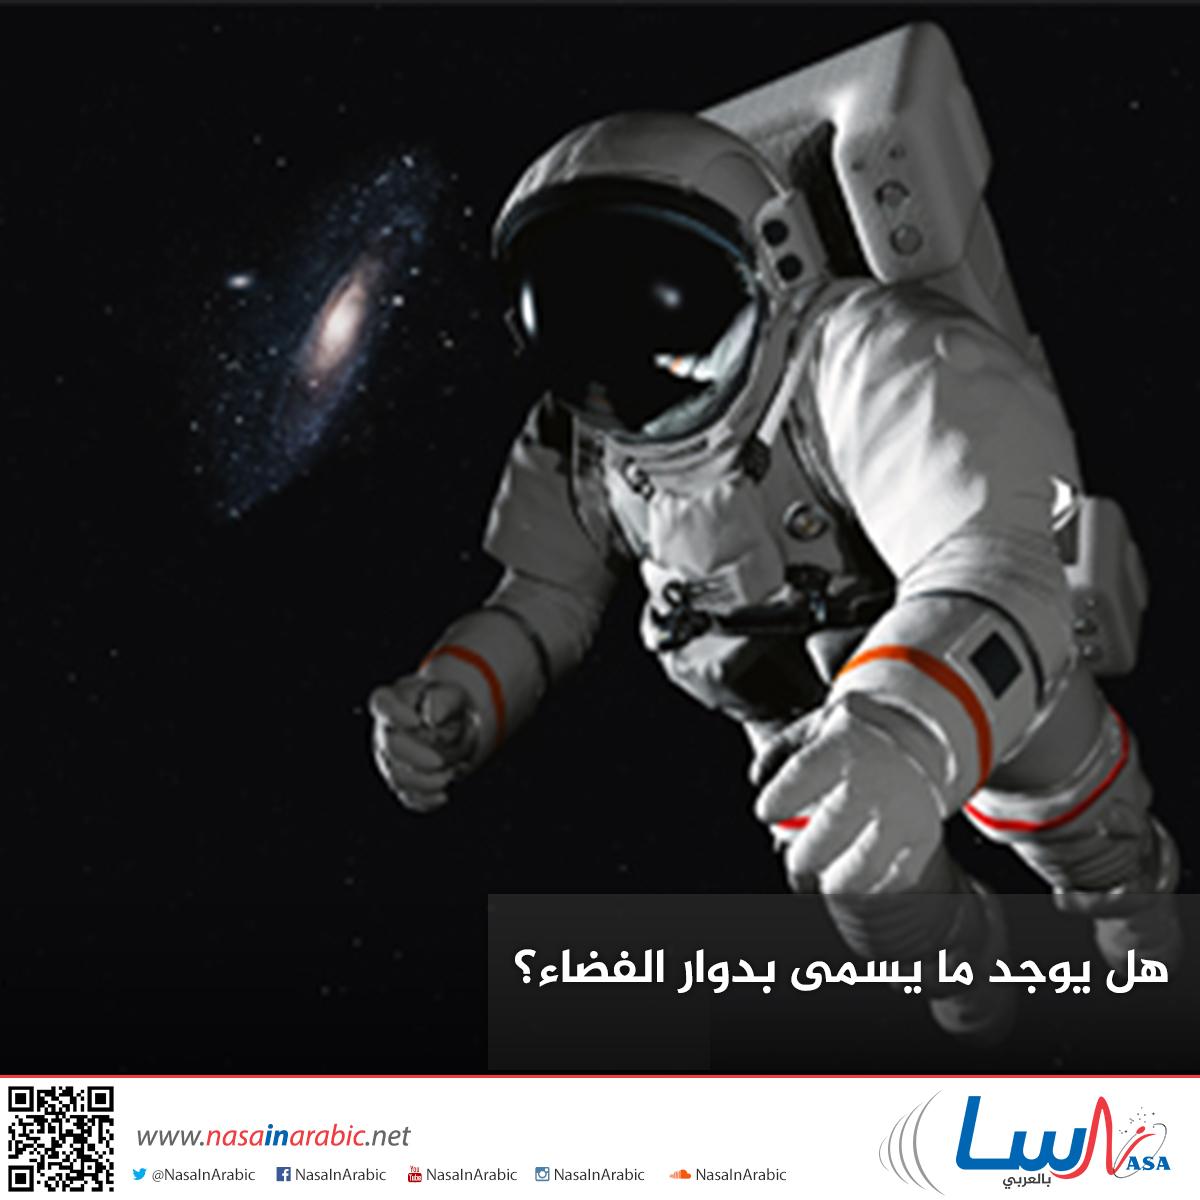 هل يوجد ما يسمى بدوار الفضاء؟